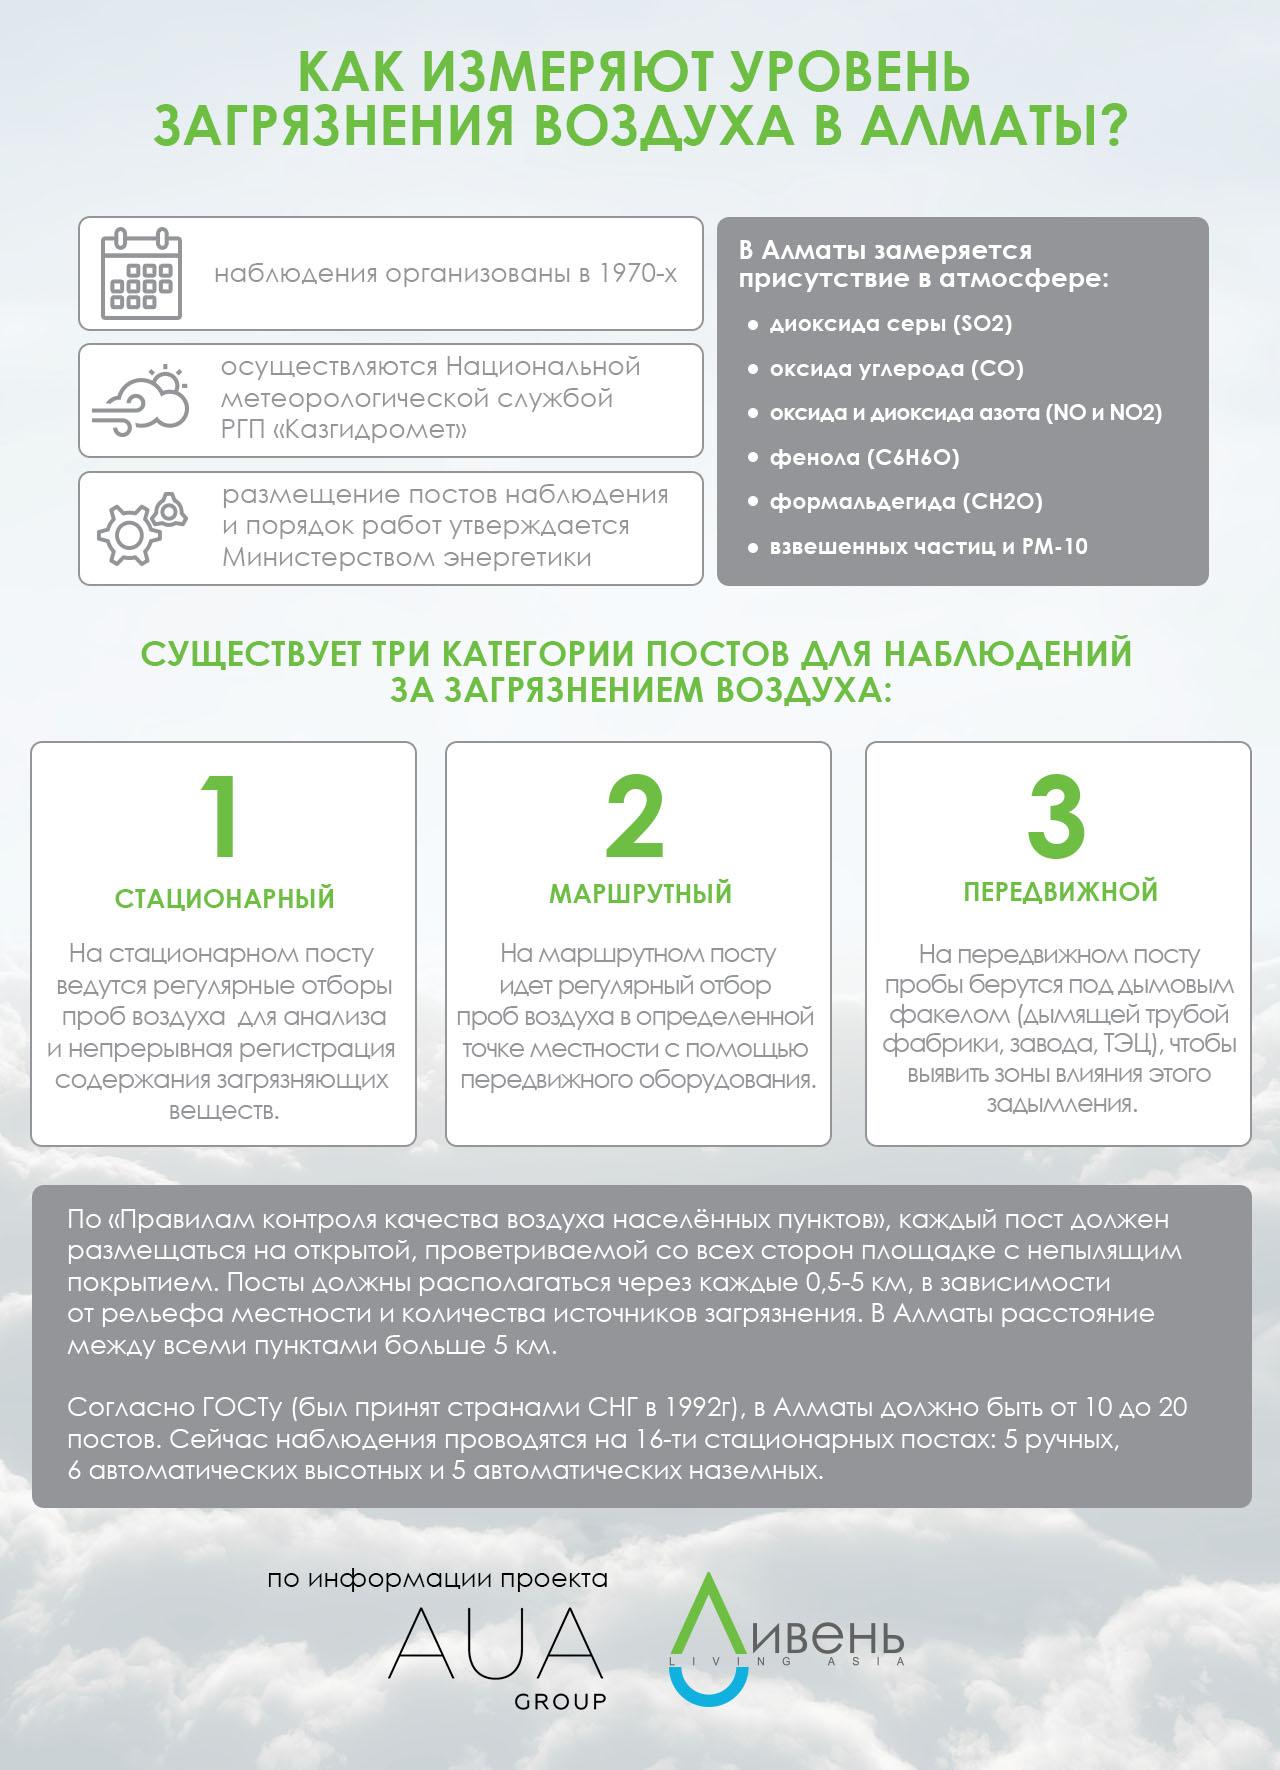 Как следят за чистотой воздуха в Алматы? Информация из исследования AUA group.